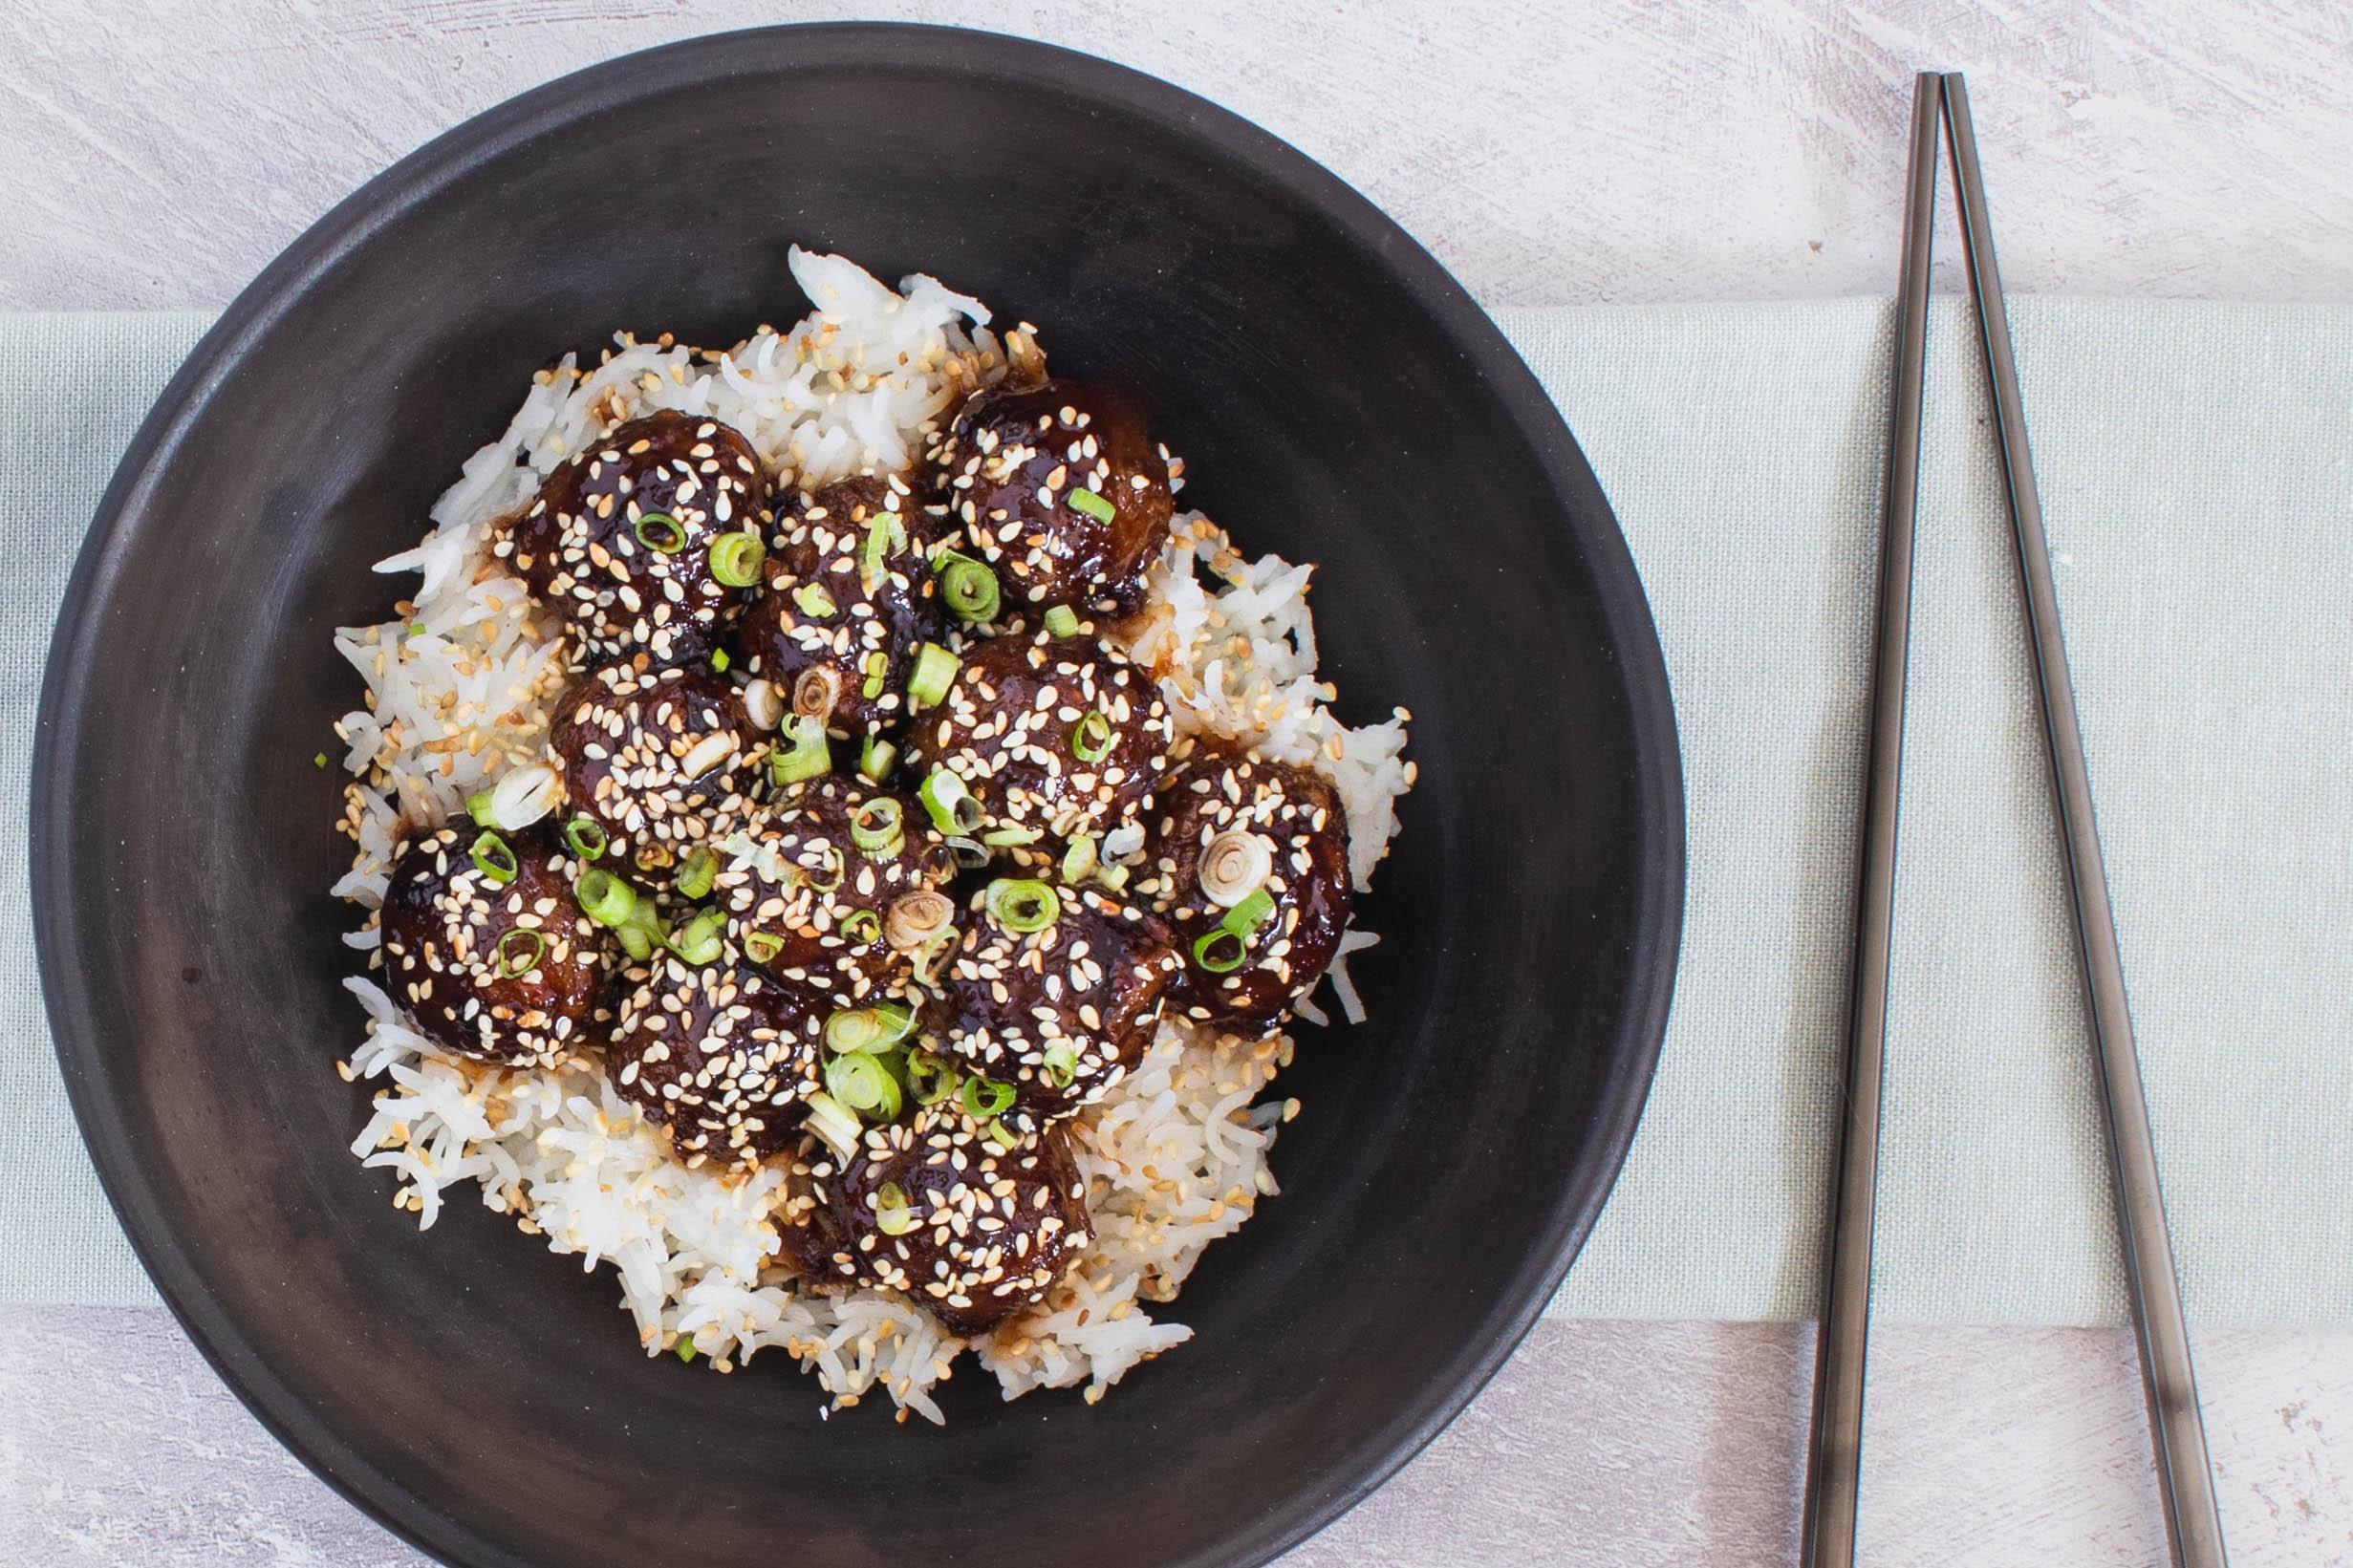 Asiatiske kødboller vendt i en smagfuld 'sticky' sauce